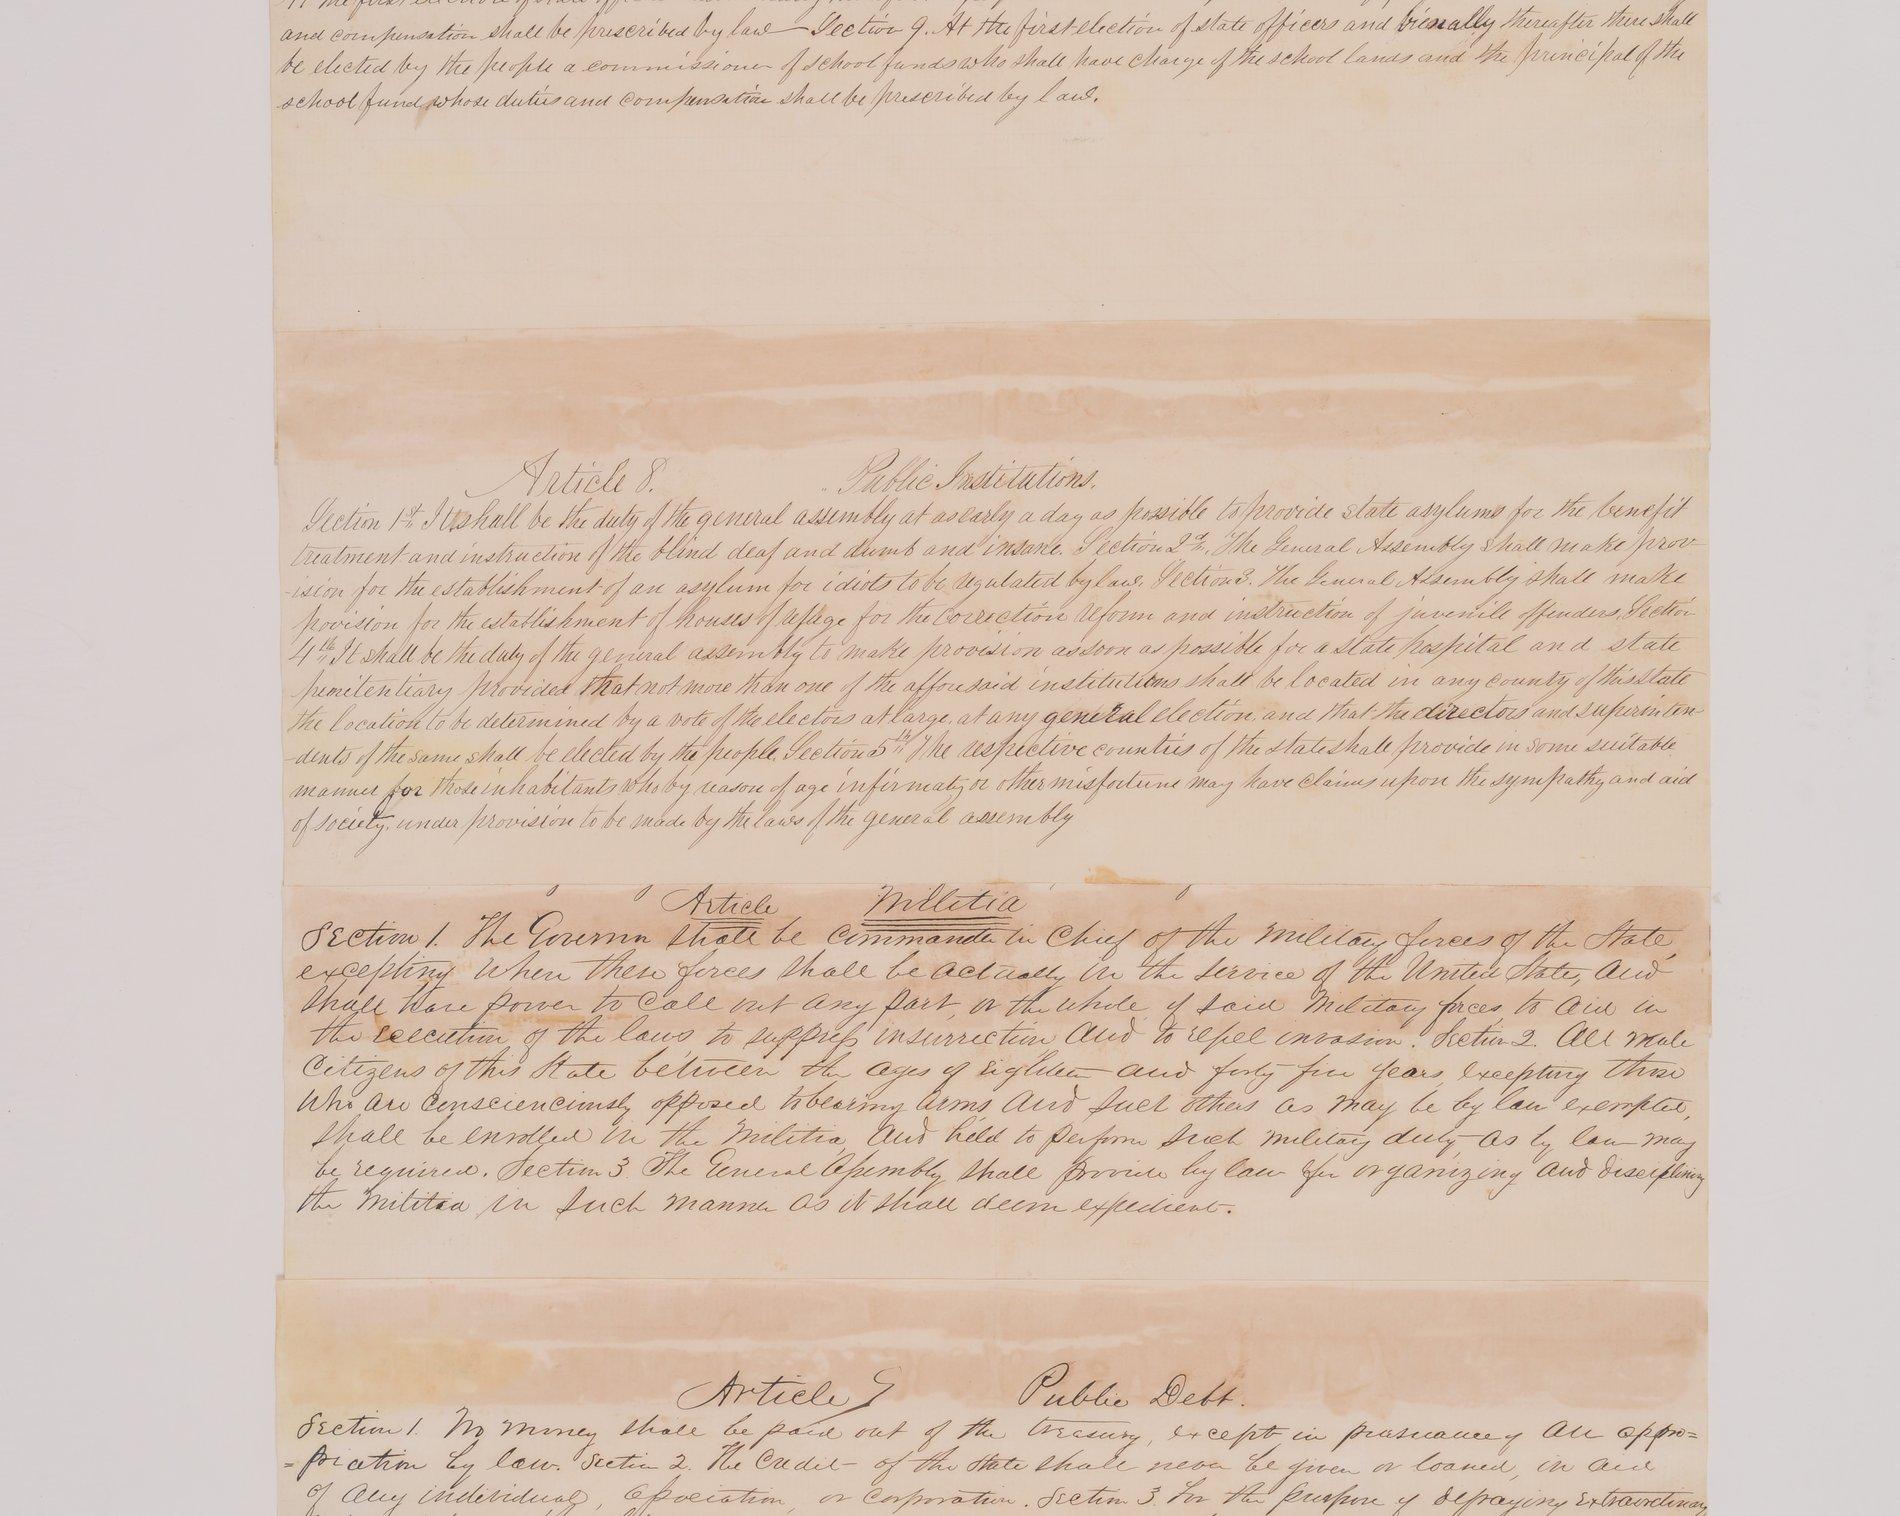 Leavenworth Constitution - 8